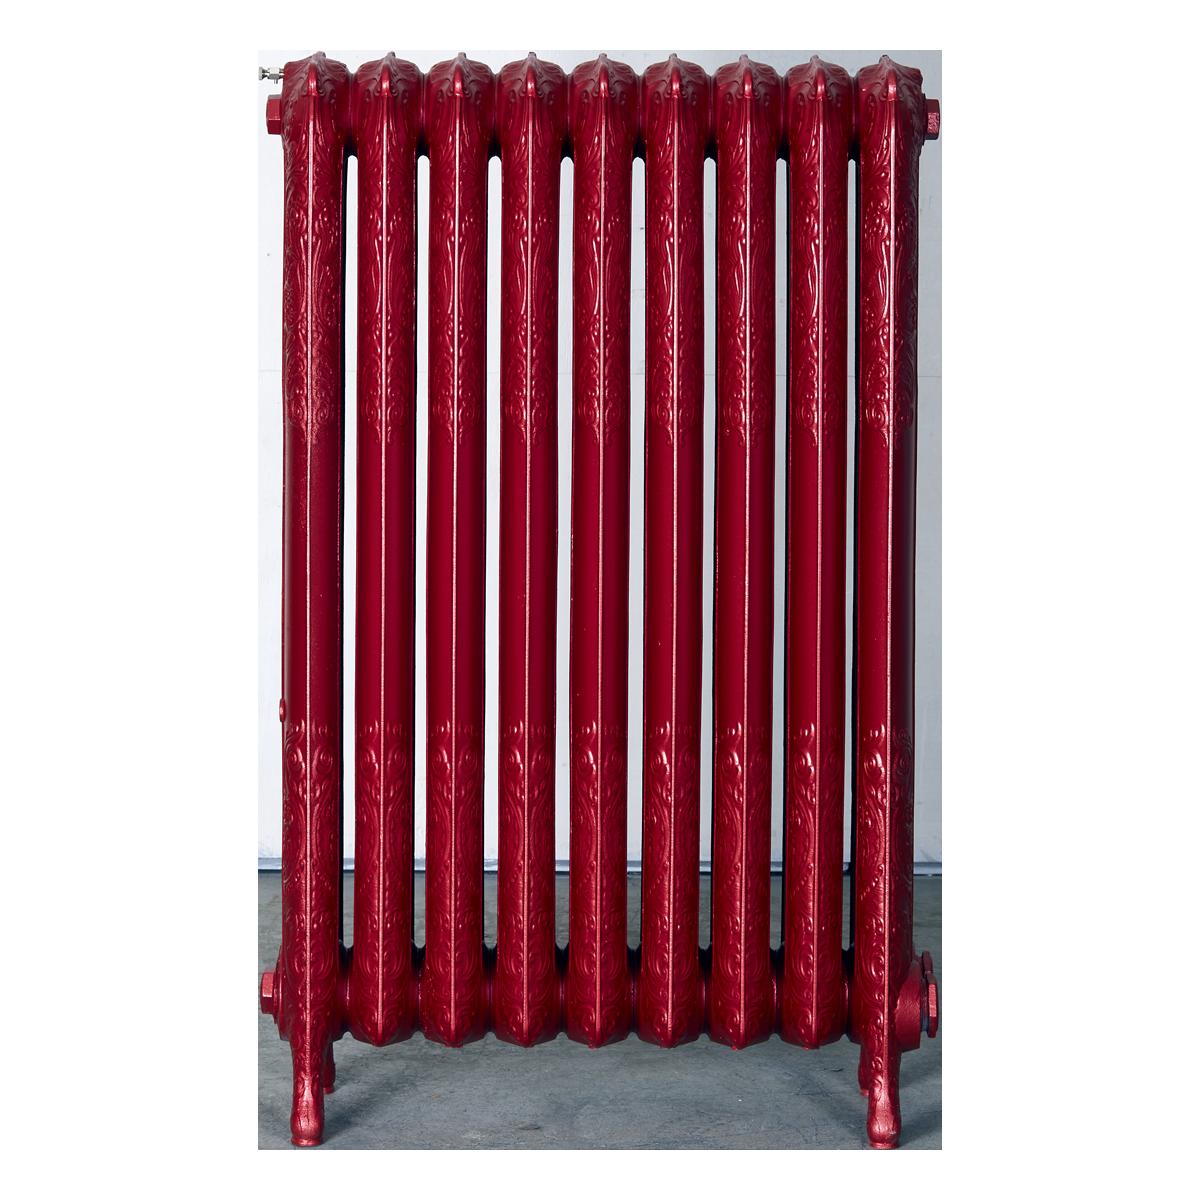 Ironworks Radiators Inc. refurbished cast iron radiator Irene in Sashay Red metallic